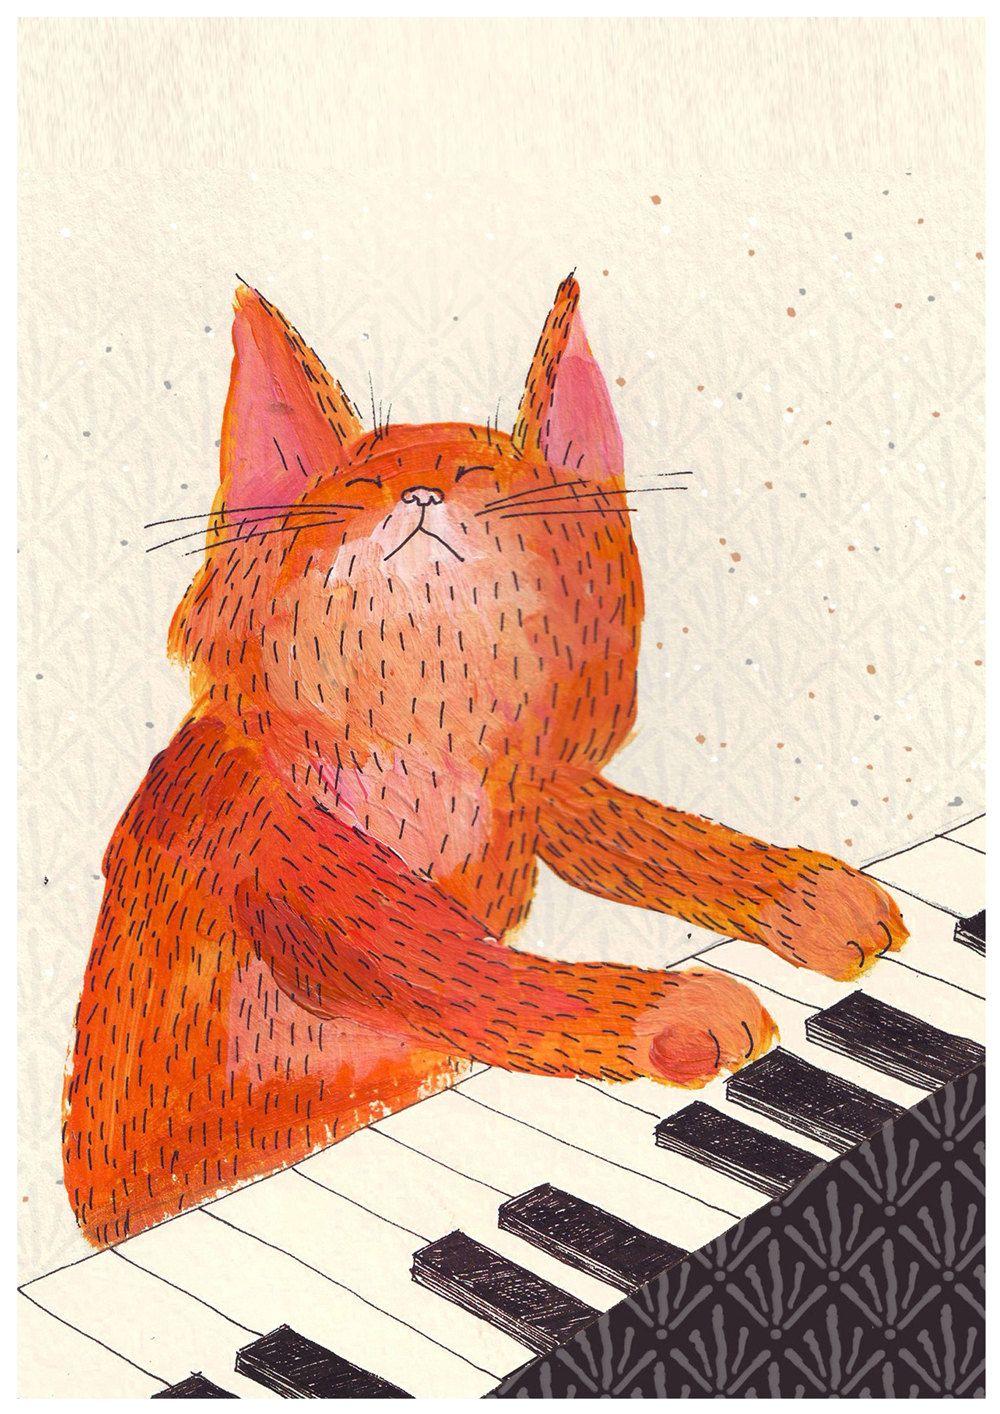 Le chat qui joue du piano play him off une illustration de luka va australie cats - Botas paredes ciervo ...